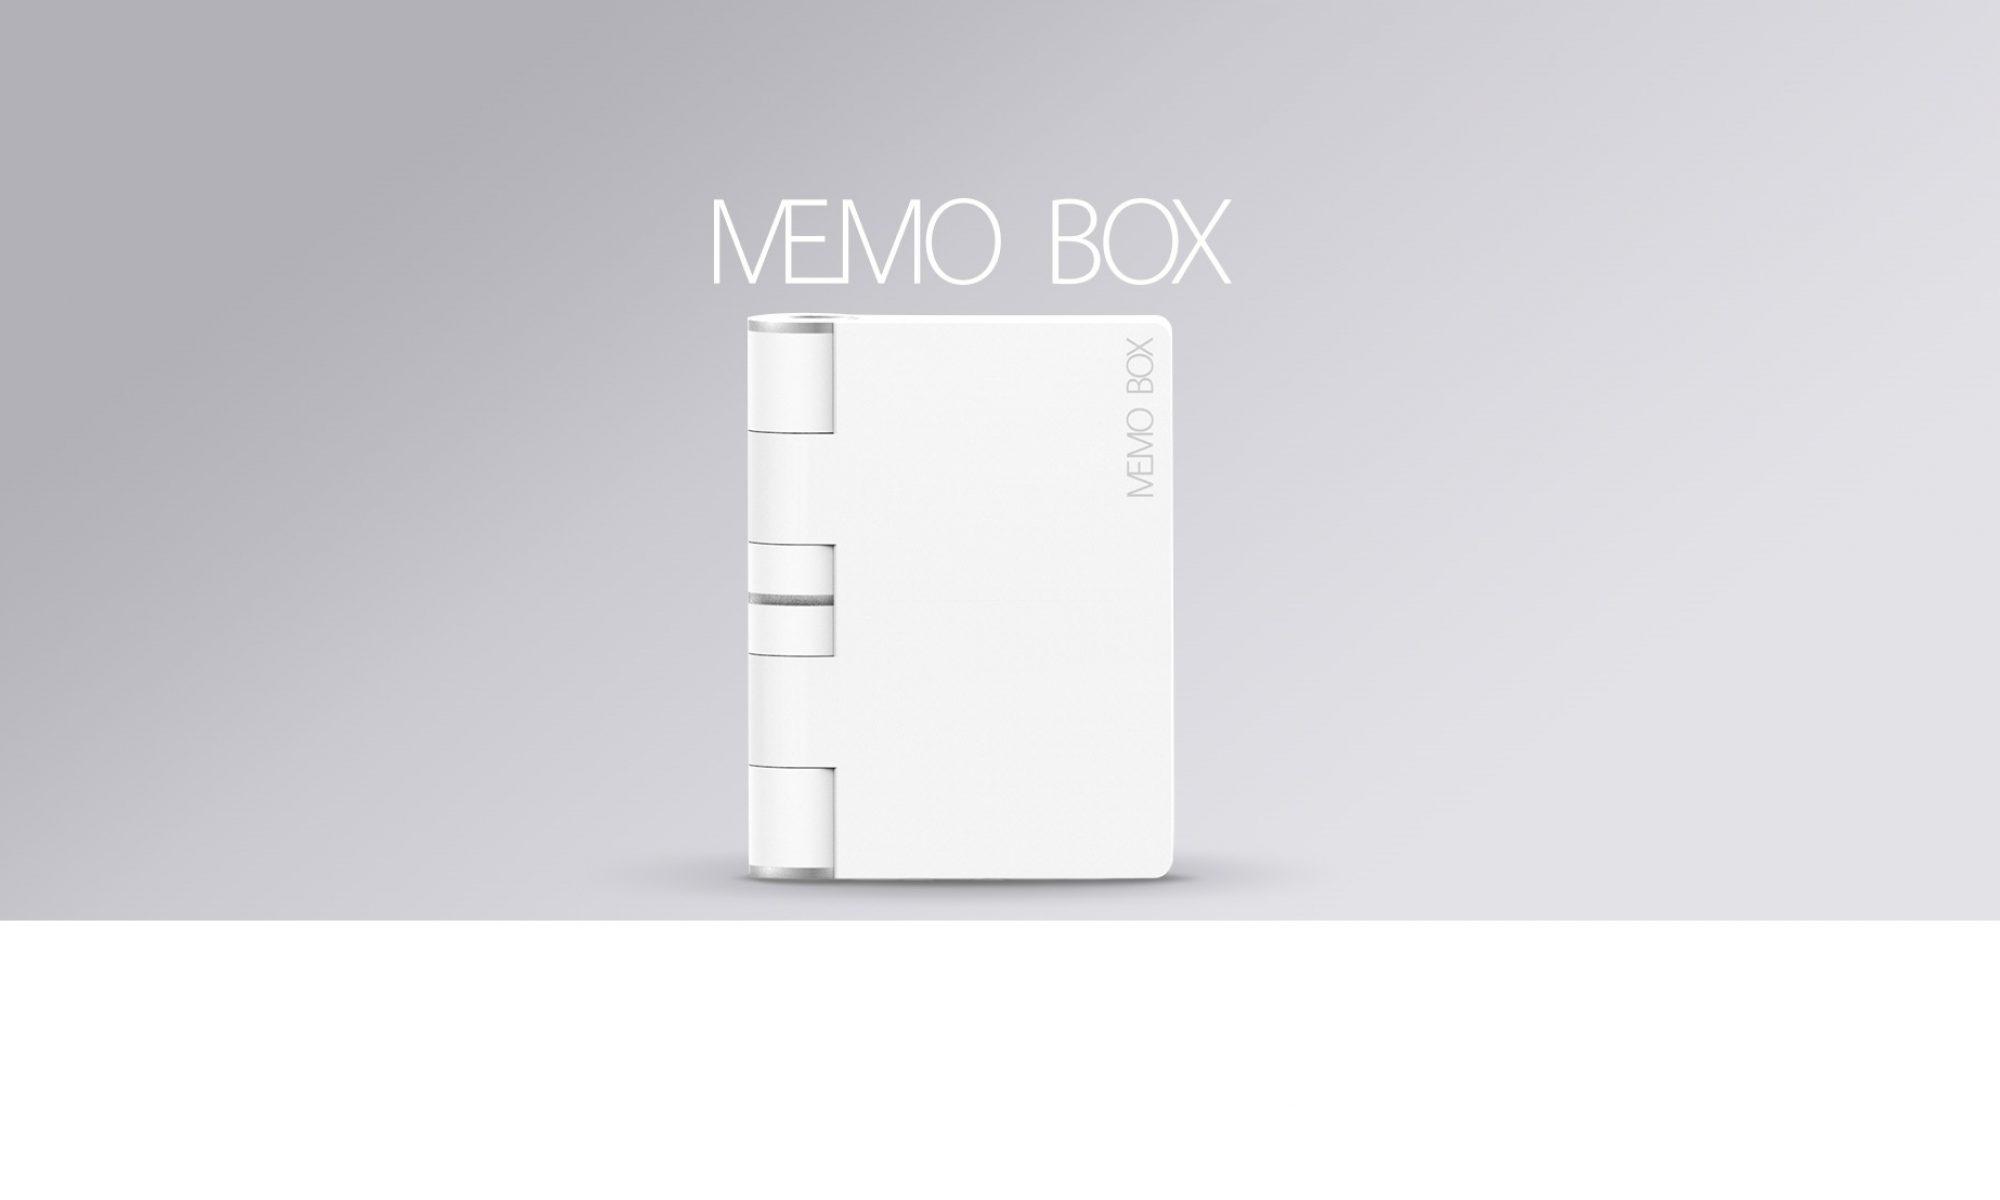 Memo-Box